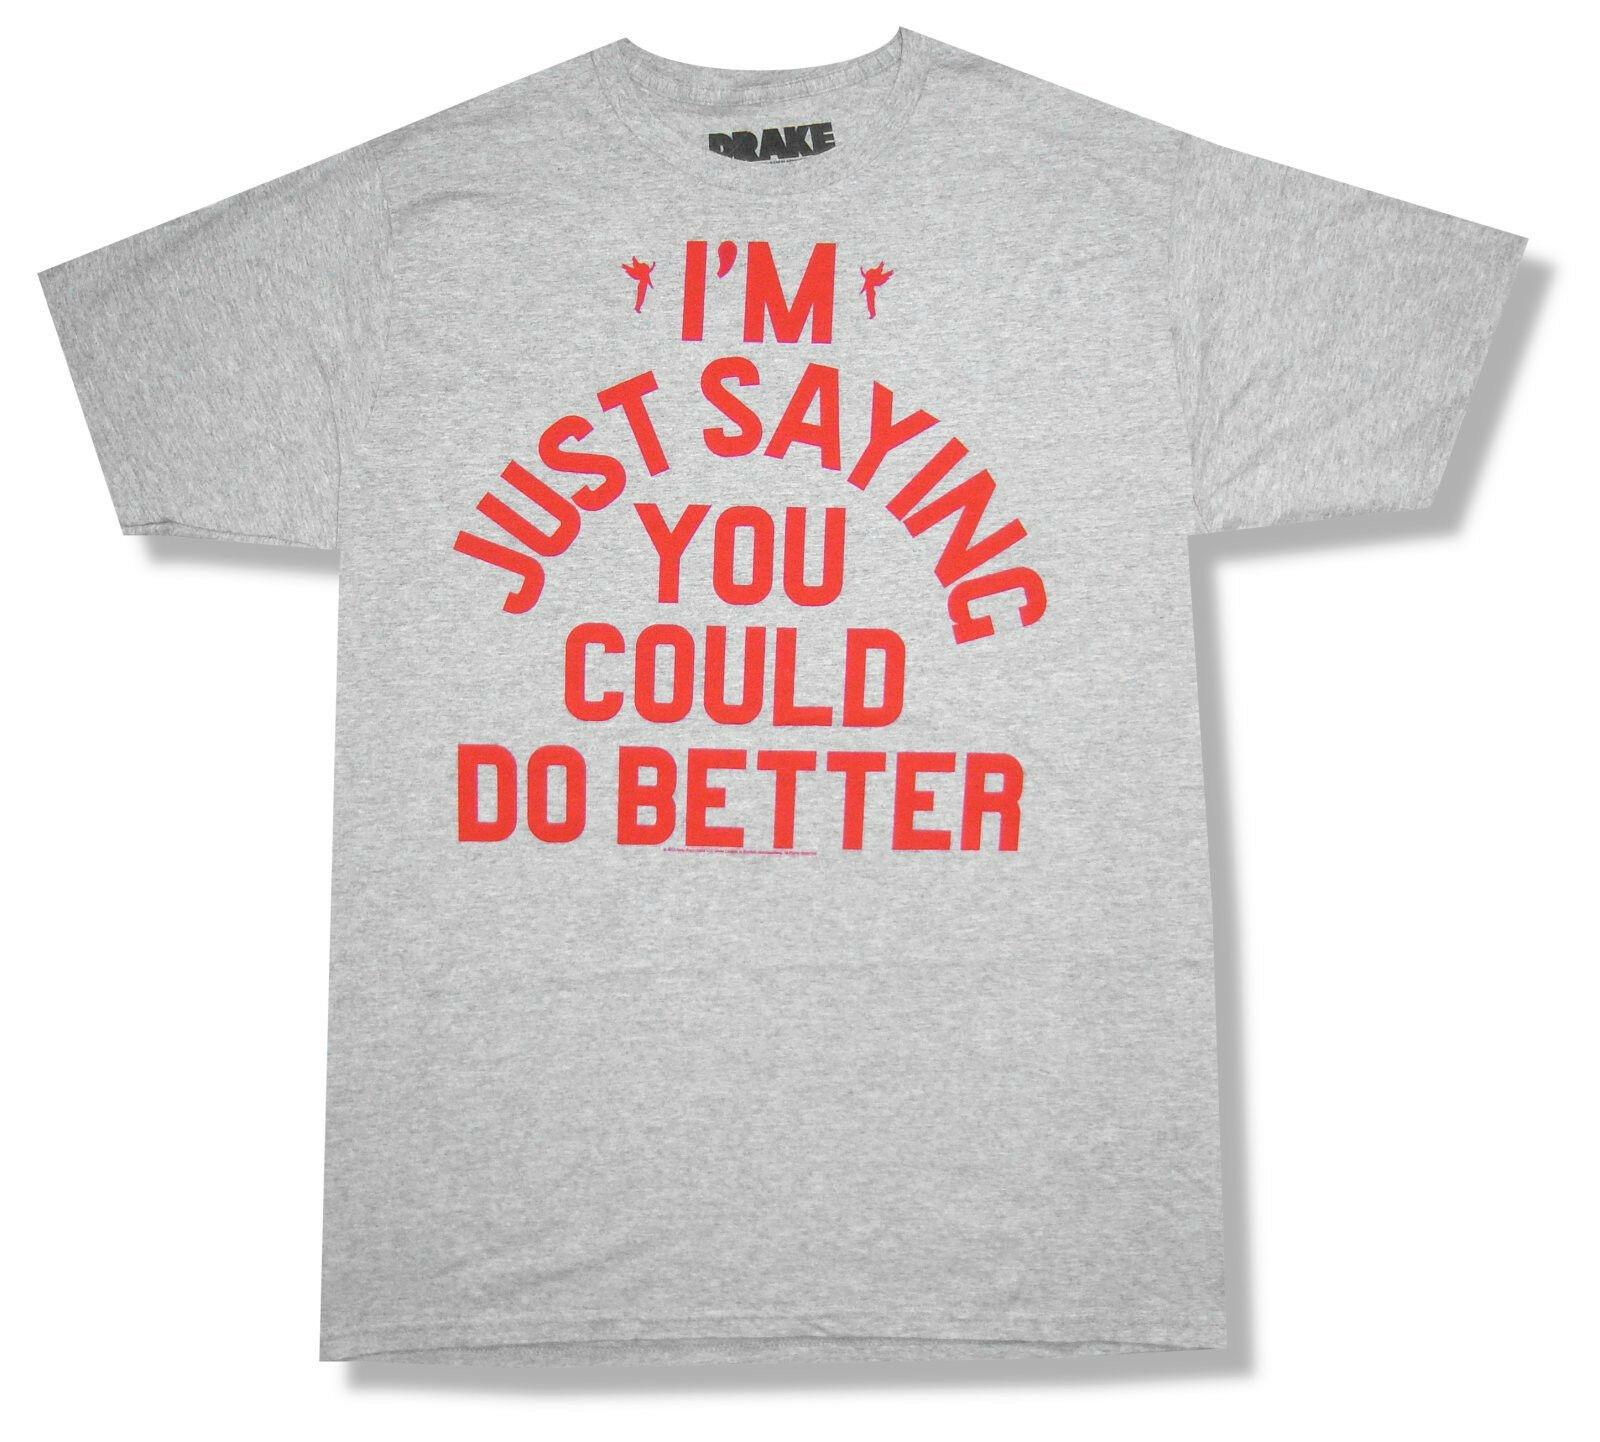 Drake dit juste que vous pourriez faire mieux T-Shirt gris nouveau T-Shirt officiel Merch à manches courtes col rond en coton T-Shirt